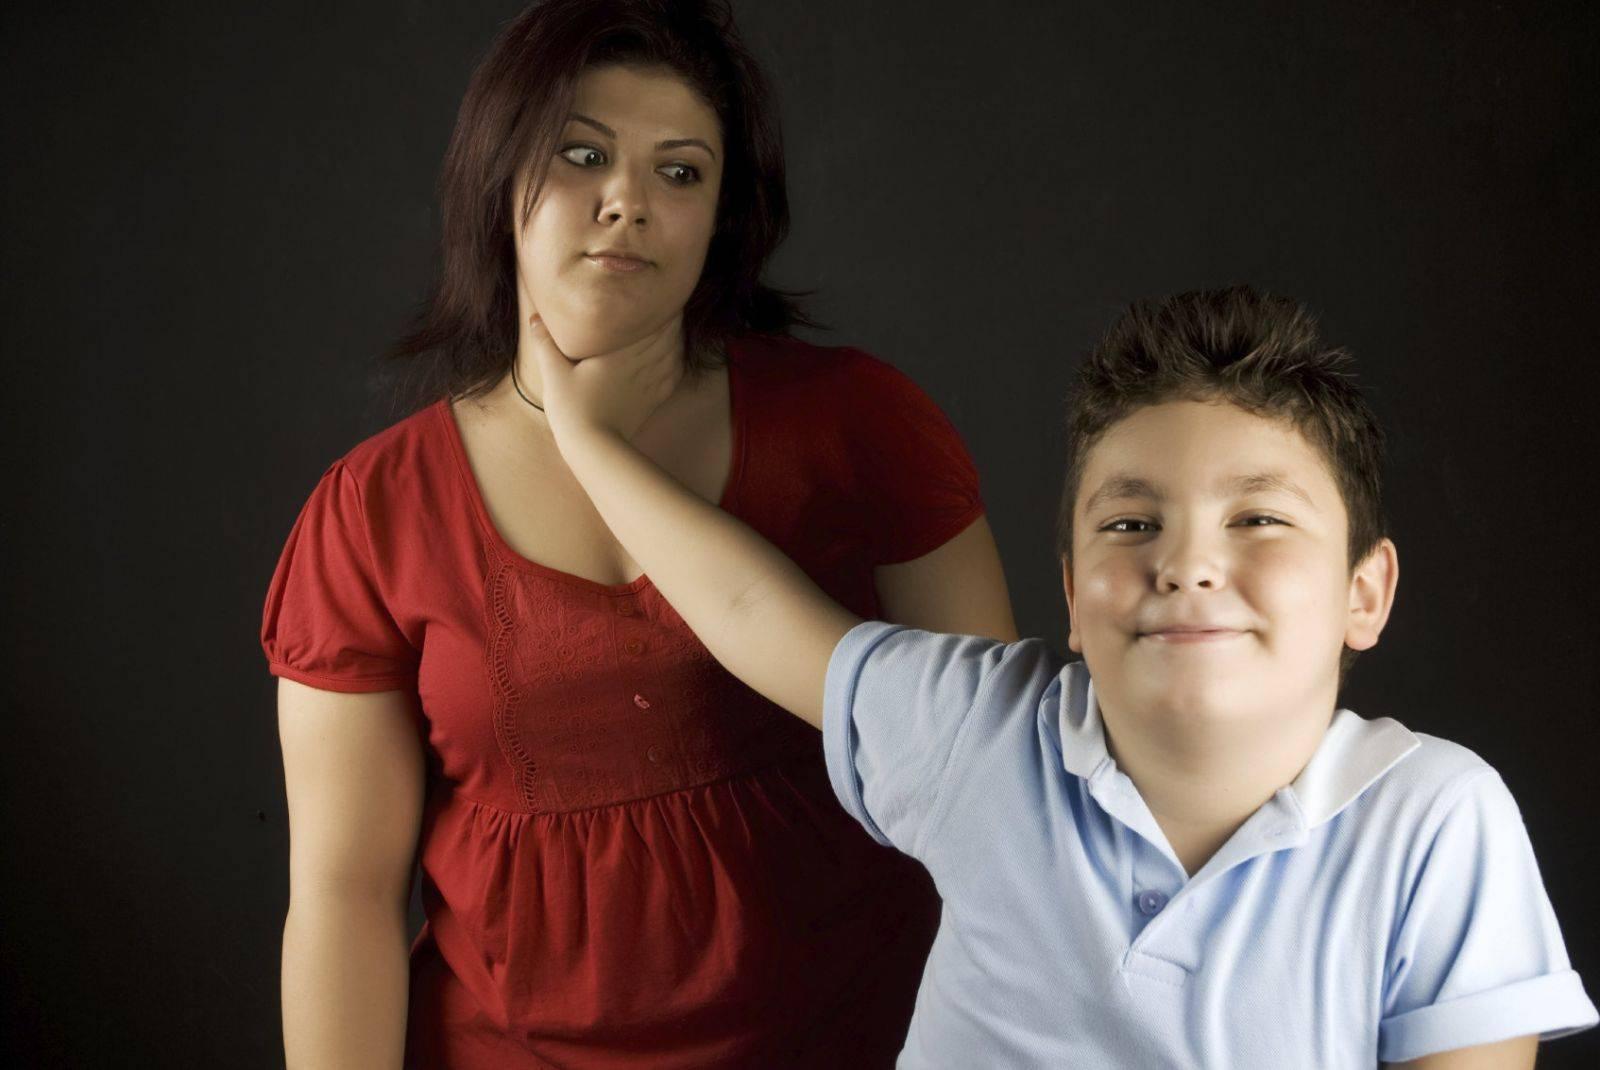 Балованный ребенок: как исправить огрехи неправильного воспитания